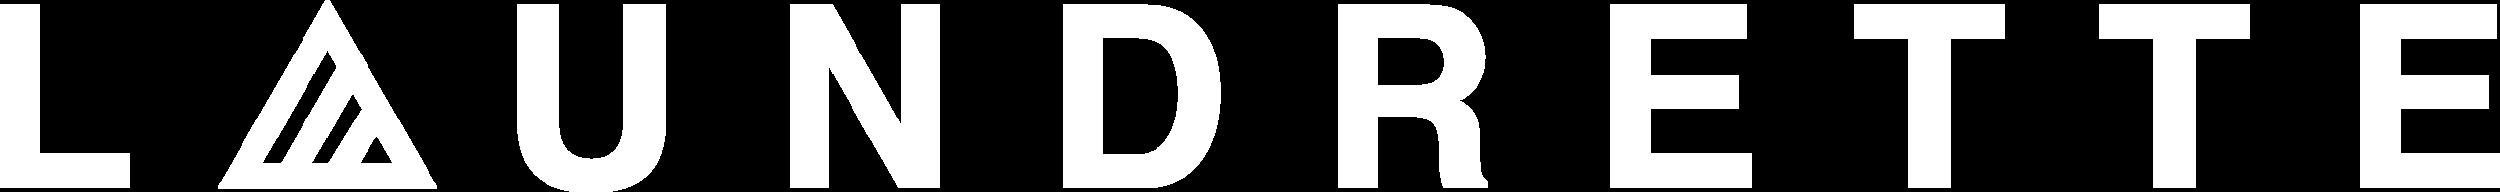 laundrette-logo-01 white.png